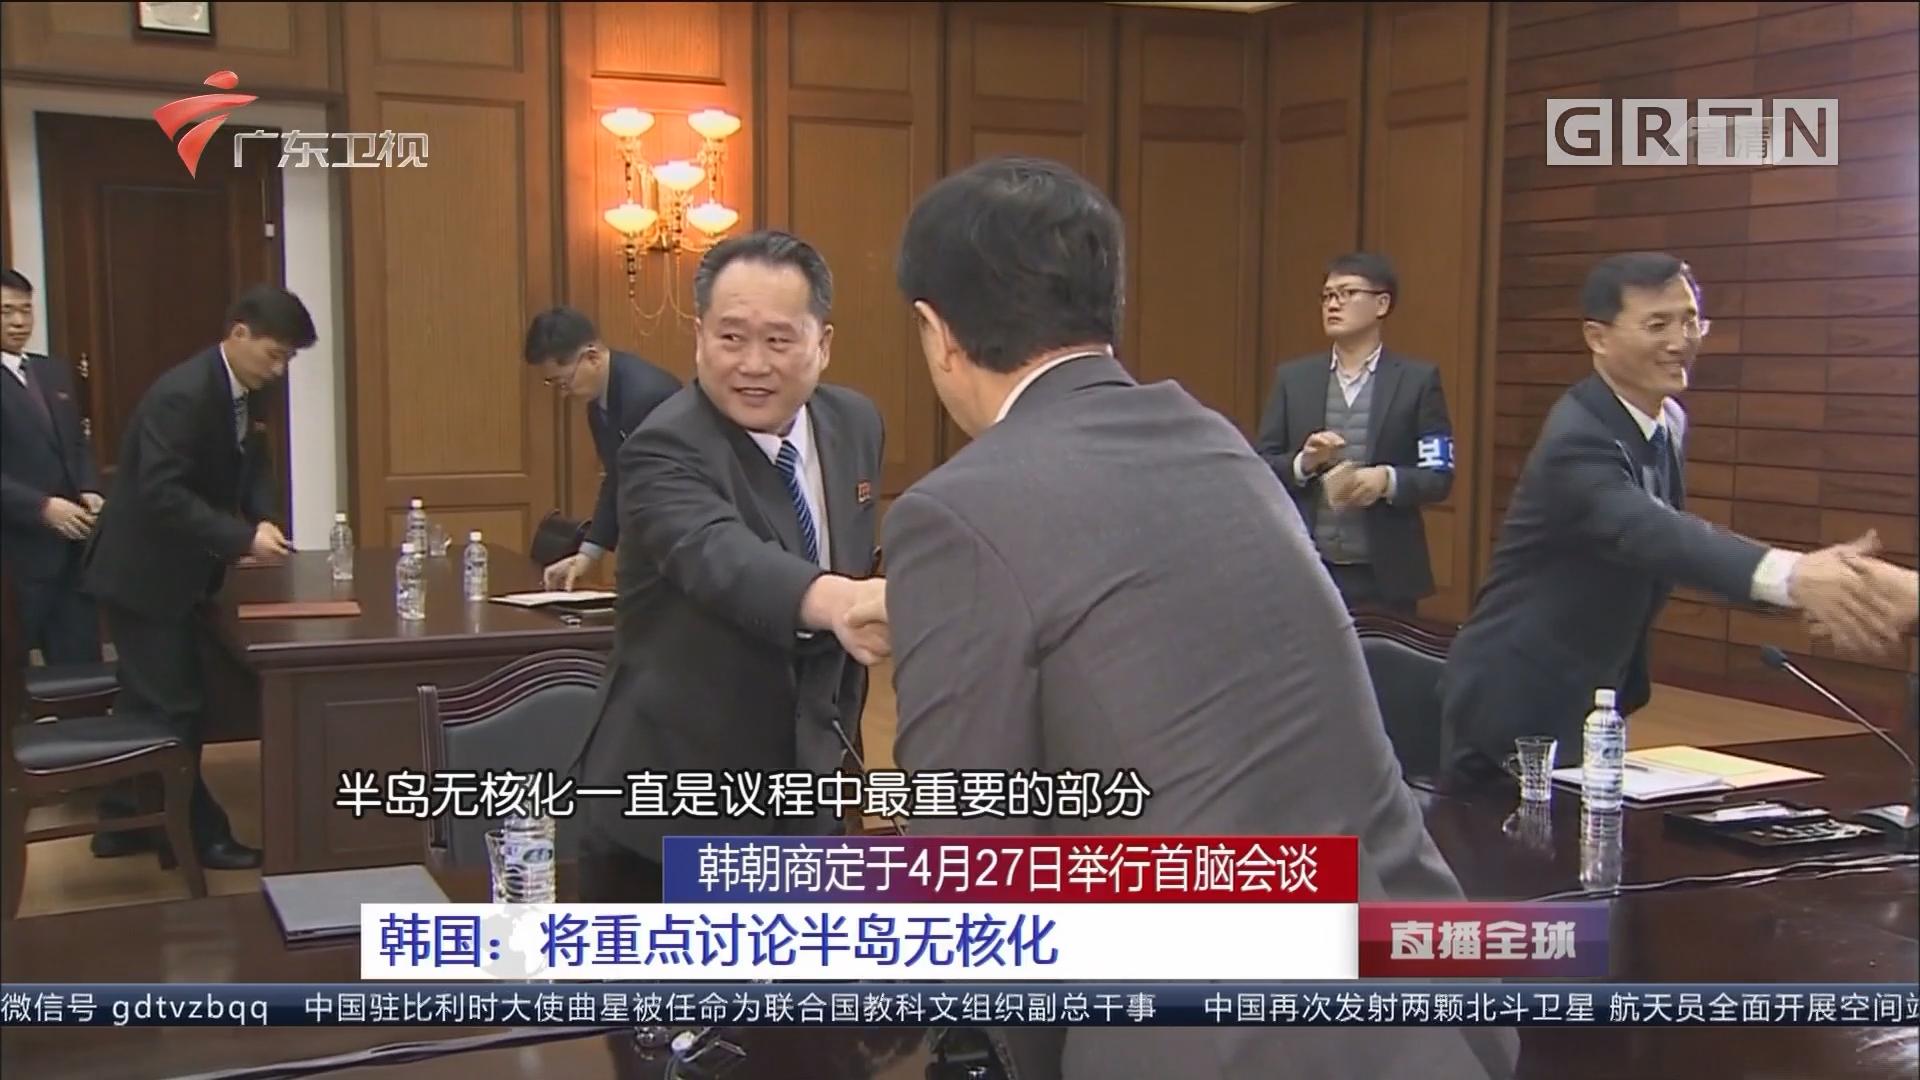 韩朝商定于4月27日举行首脑会谈 韩国:将重点讨论半岛无核化